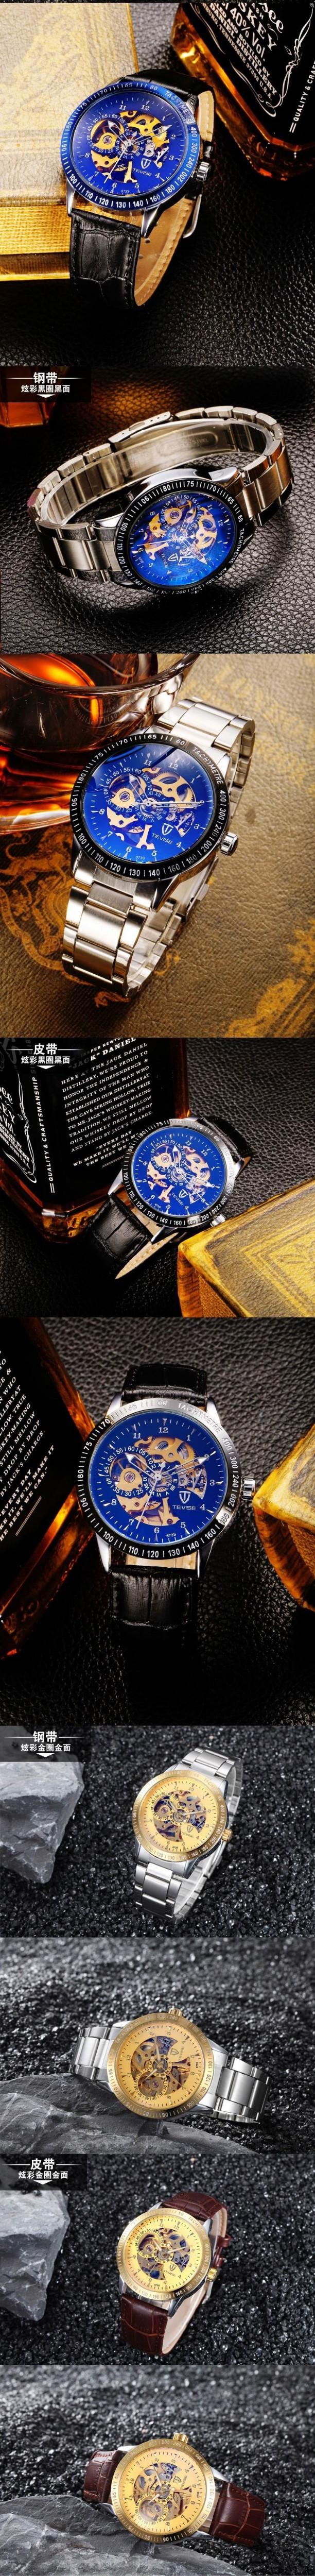 Новый Полые Мужские Часы Лучший Бренд Класса Люкс Кожаный Ремешок Часы Бизнес Повседневная Мужчины Механические Часы Полный Стали Мужчины Наручные Часы